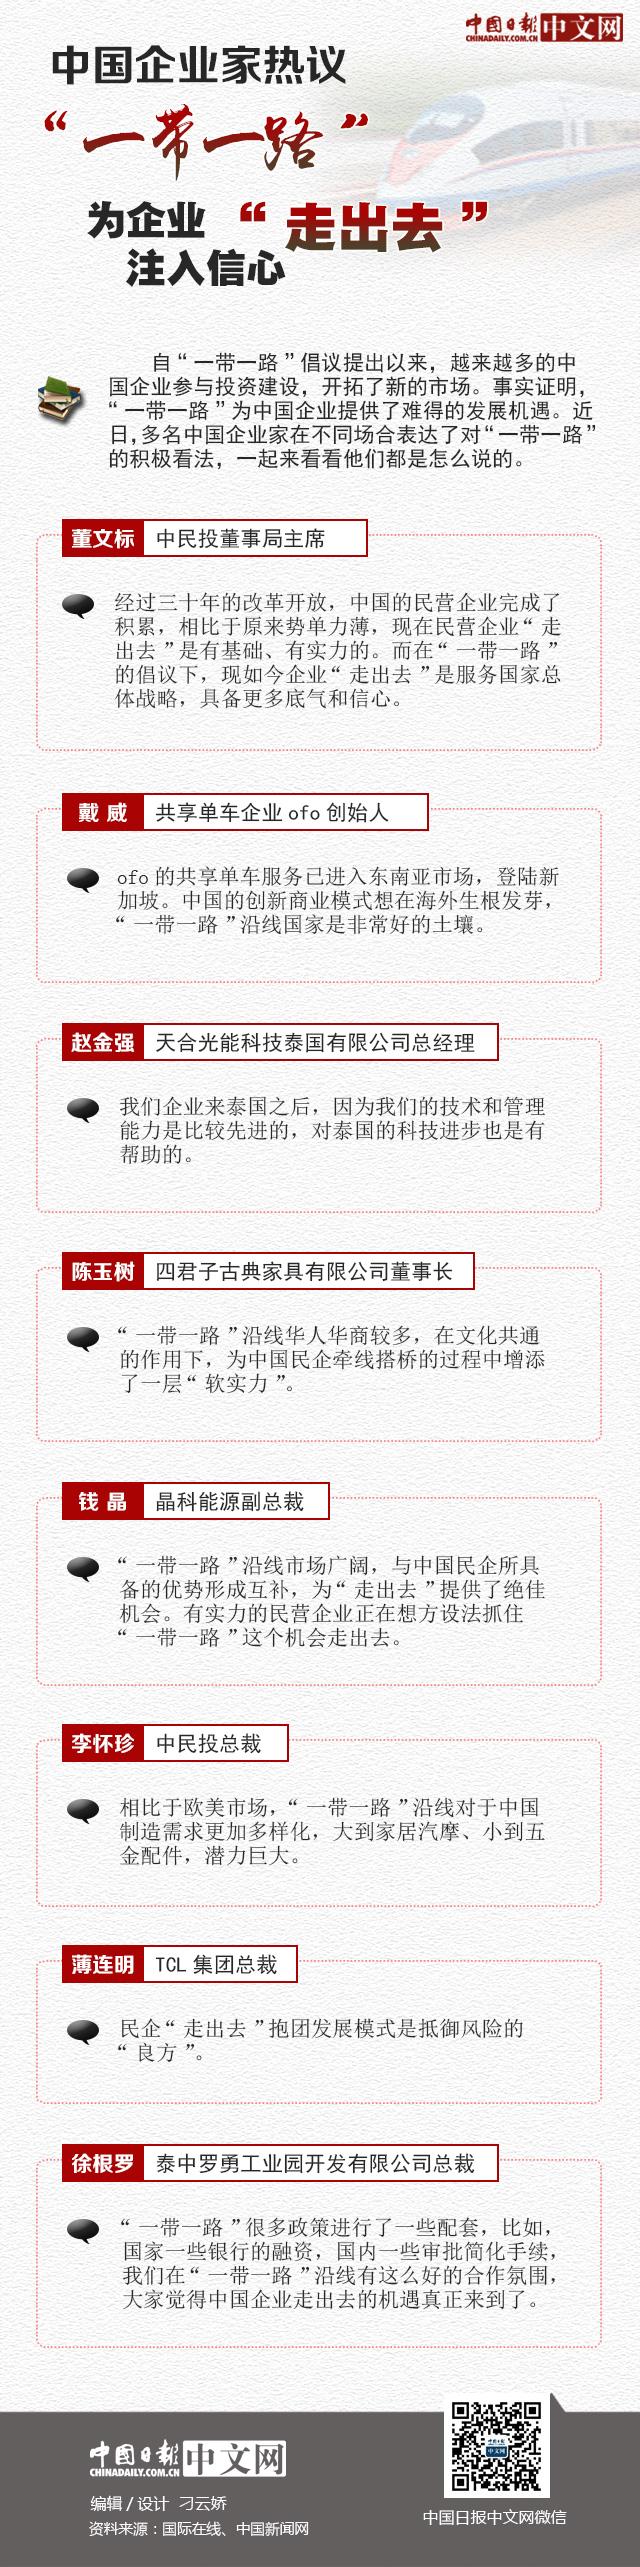 """中国企业家热议""""一带一路"""":为企业""""走出去""""注入信心"""